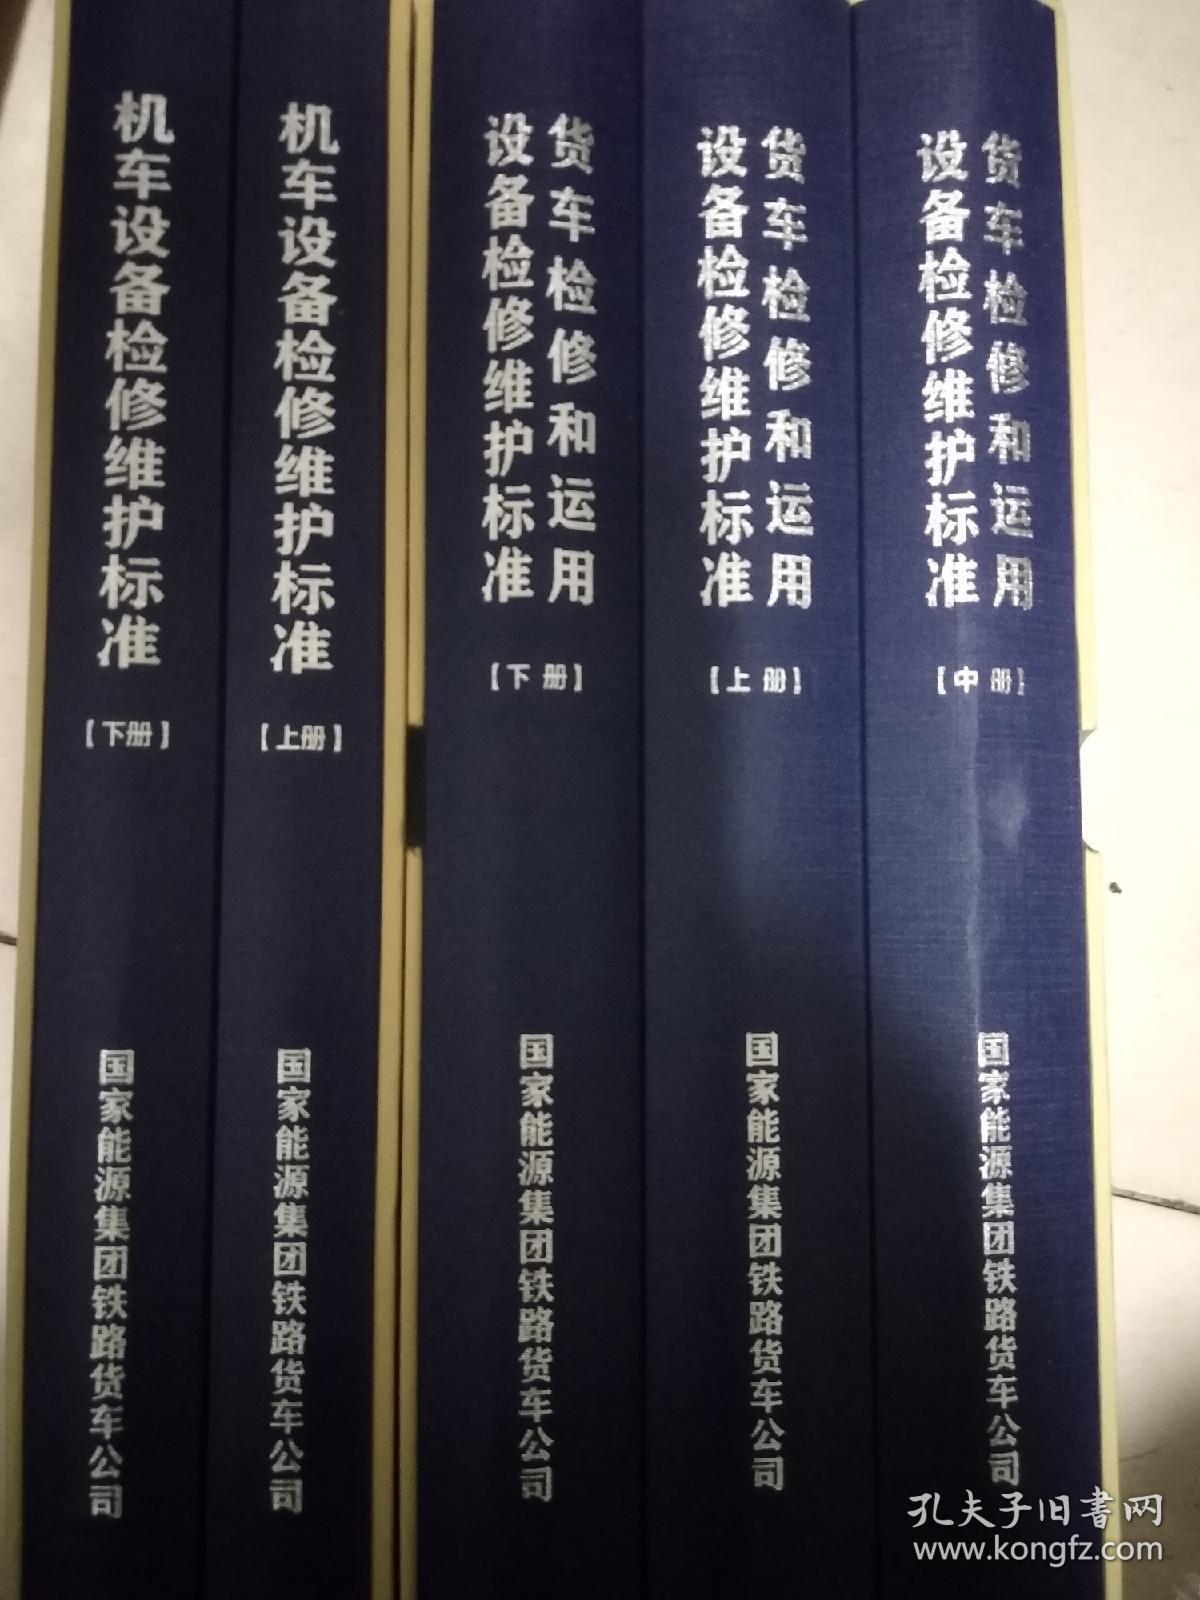 【2018年12月出版】货车检修和运用设备检修维护标准上中下,机车设备检修维护标准上下,[ 五册合售]